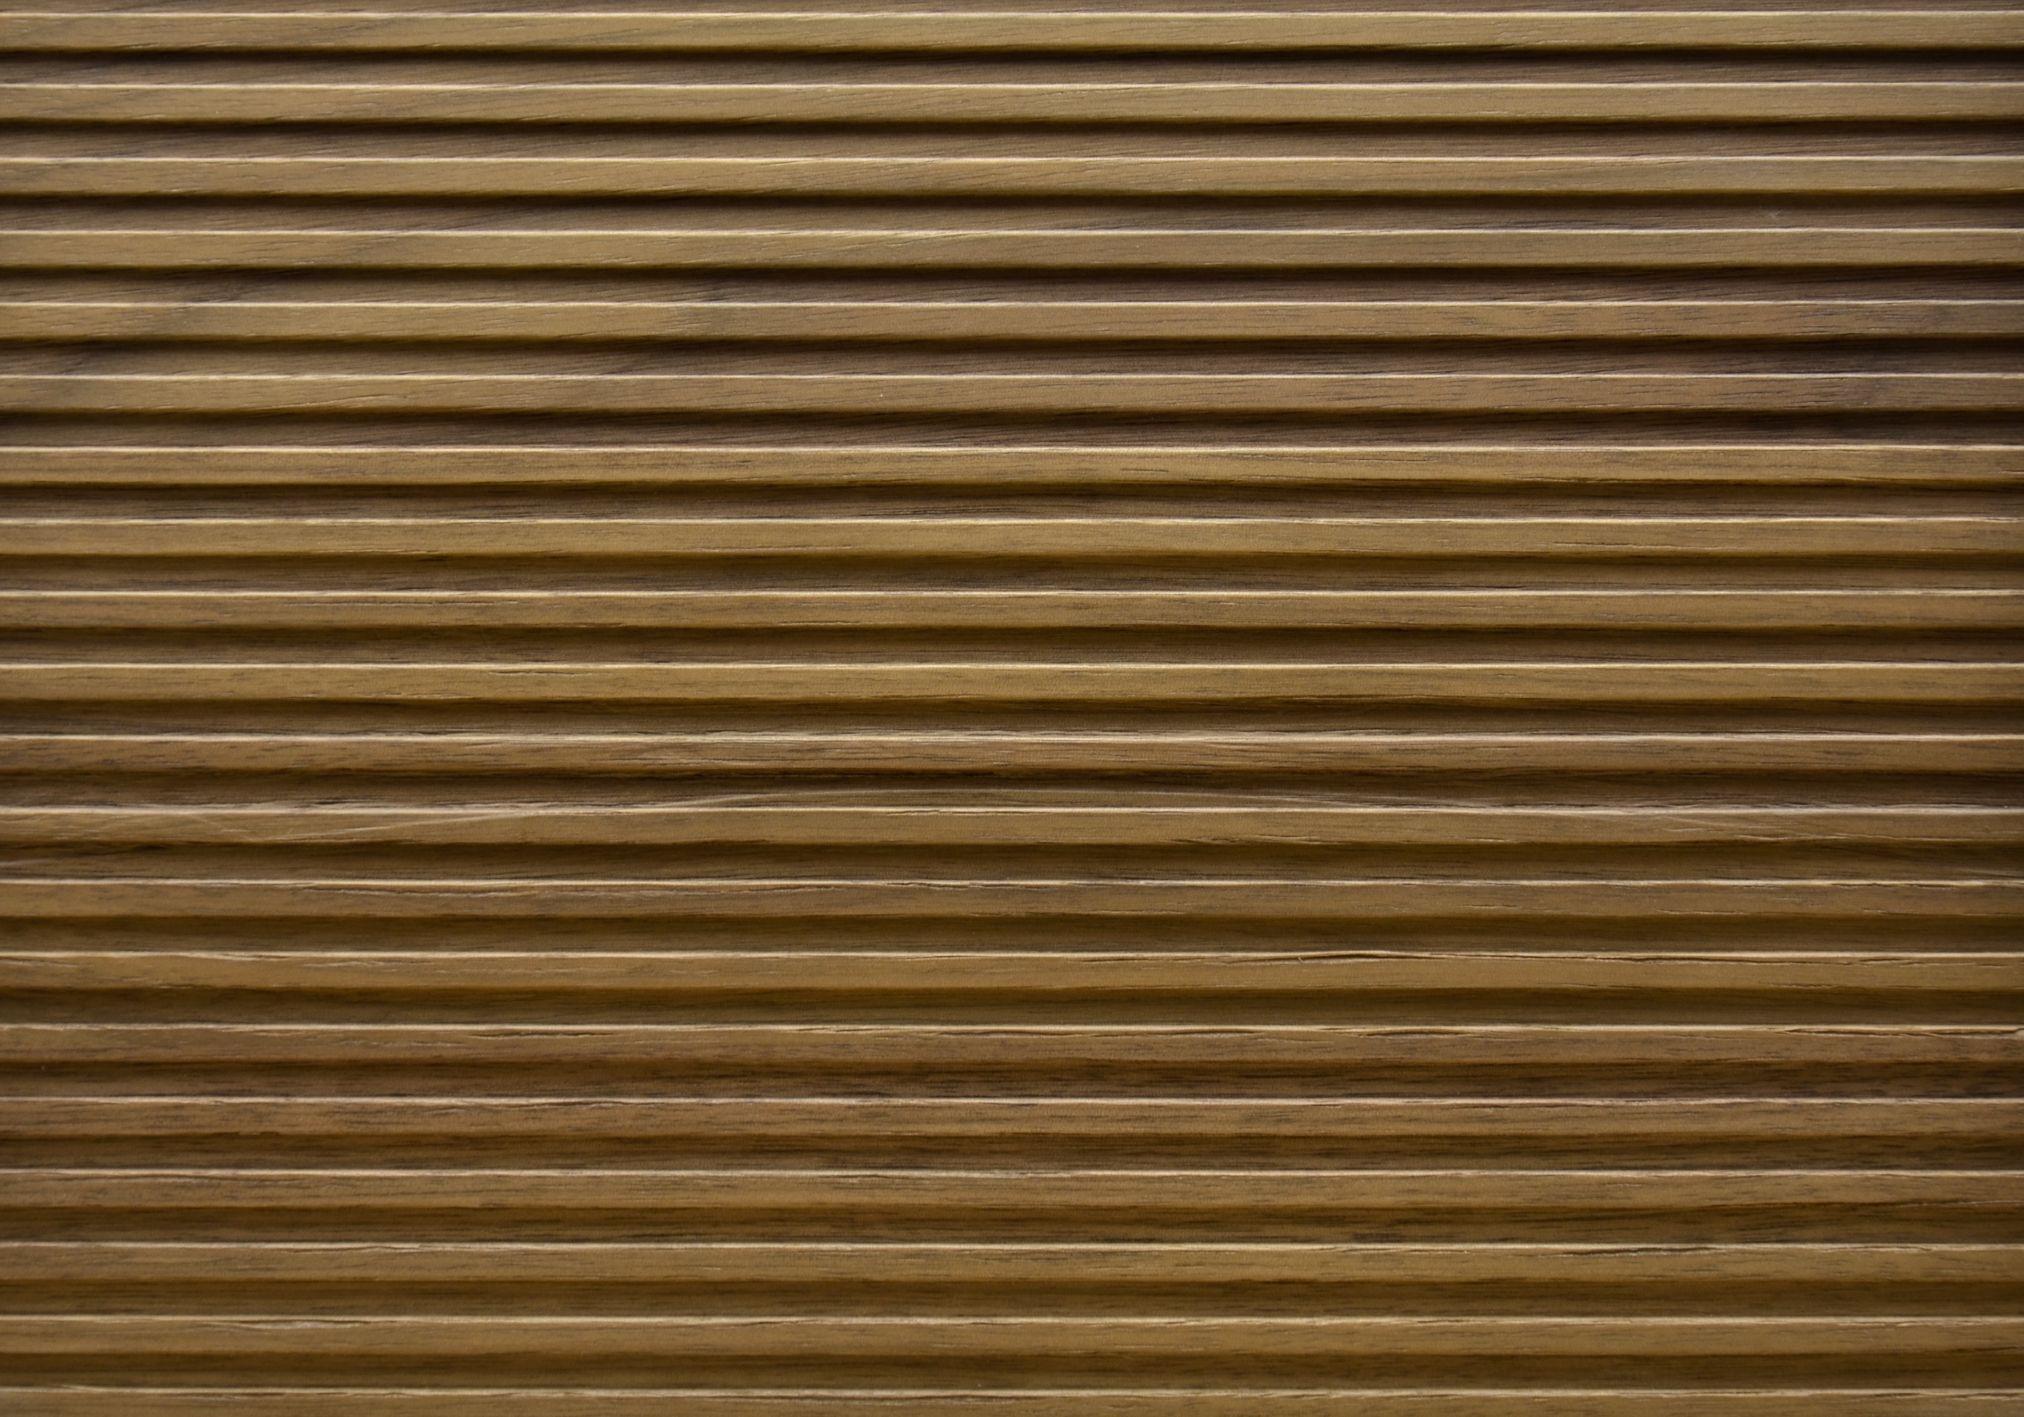 2609 - BAR - Heartwood walnut - Real wood veneer